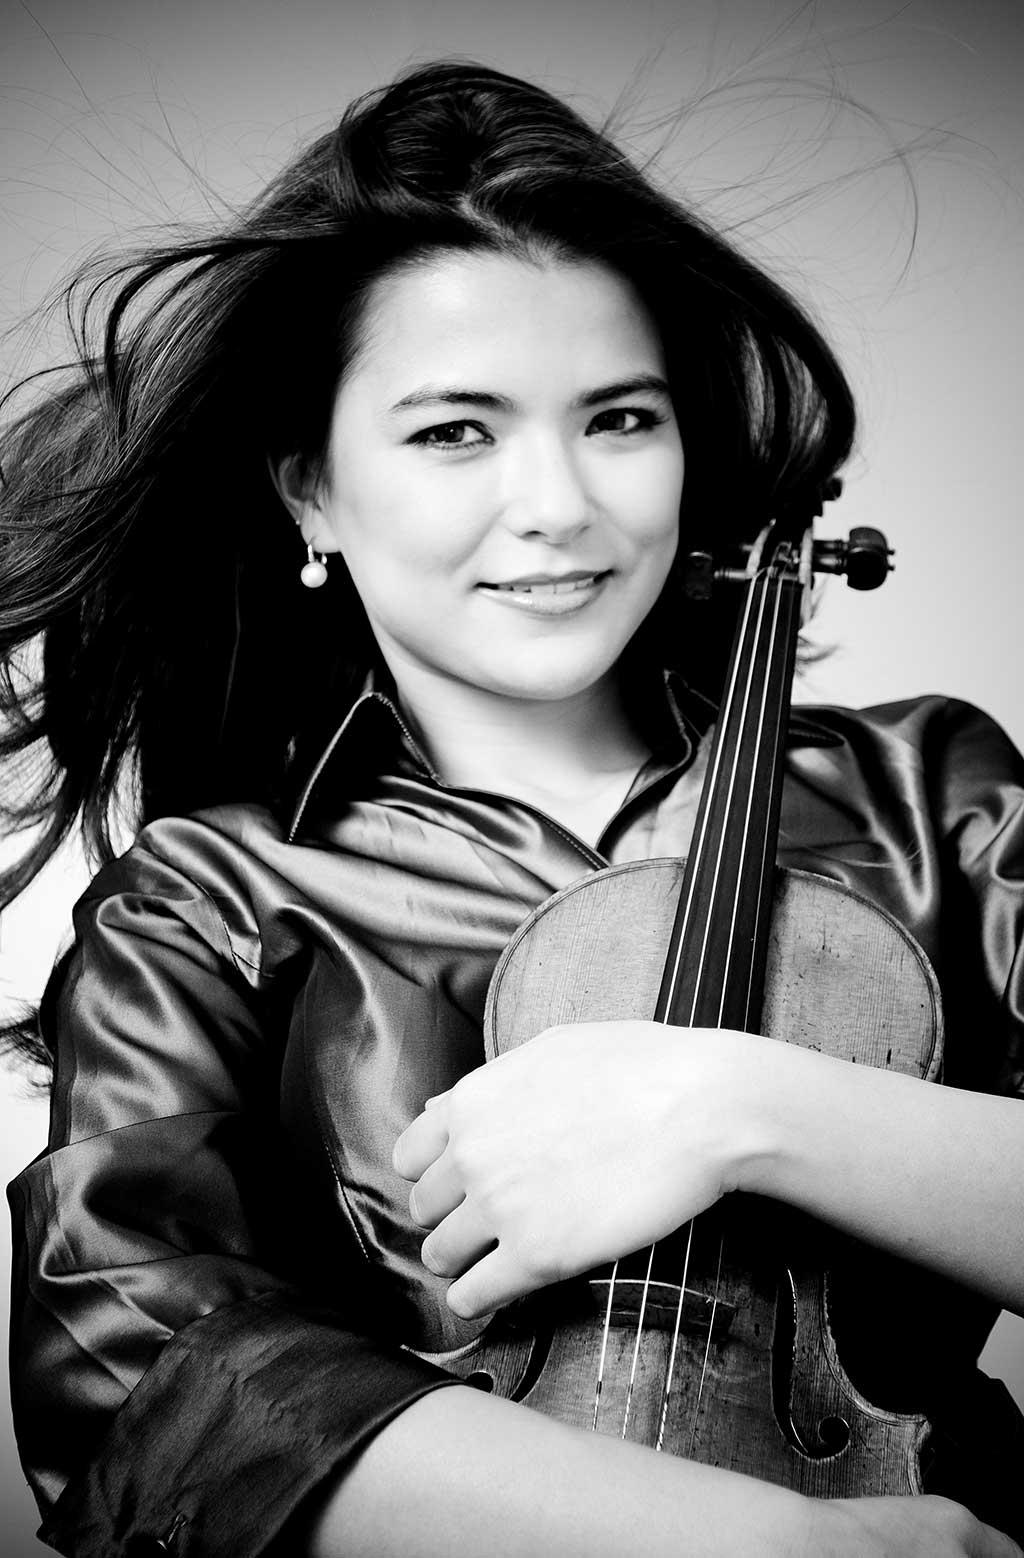 La violoniste canadienne Karen Gomyo revient pour une quatrième fois comme soliste à l'OSM, après cinq ans d'absence. (Crédit: Jose Luis Cortes)